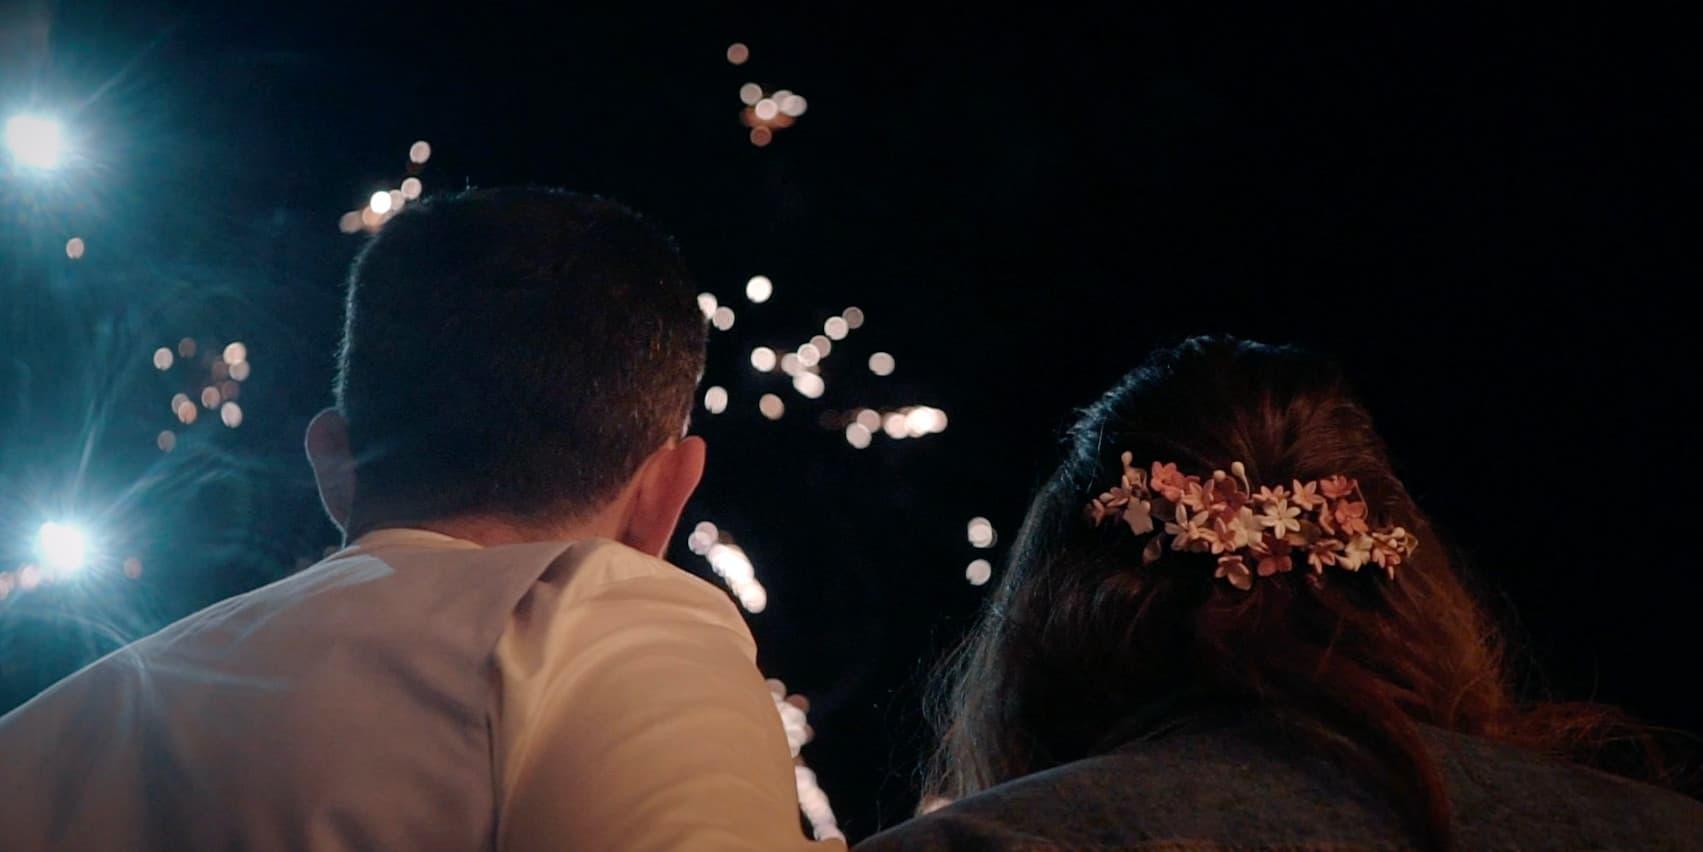 Dos personas recién casadas mirando los fuegos artificiales por al noche